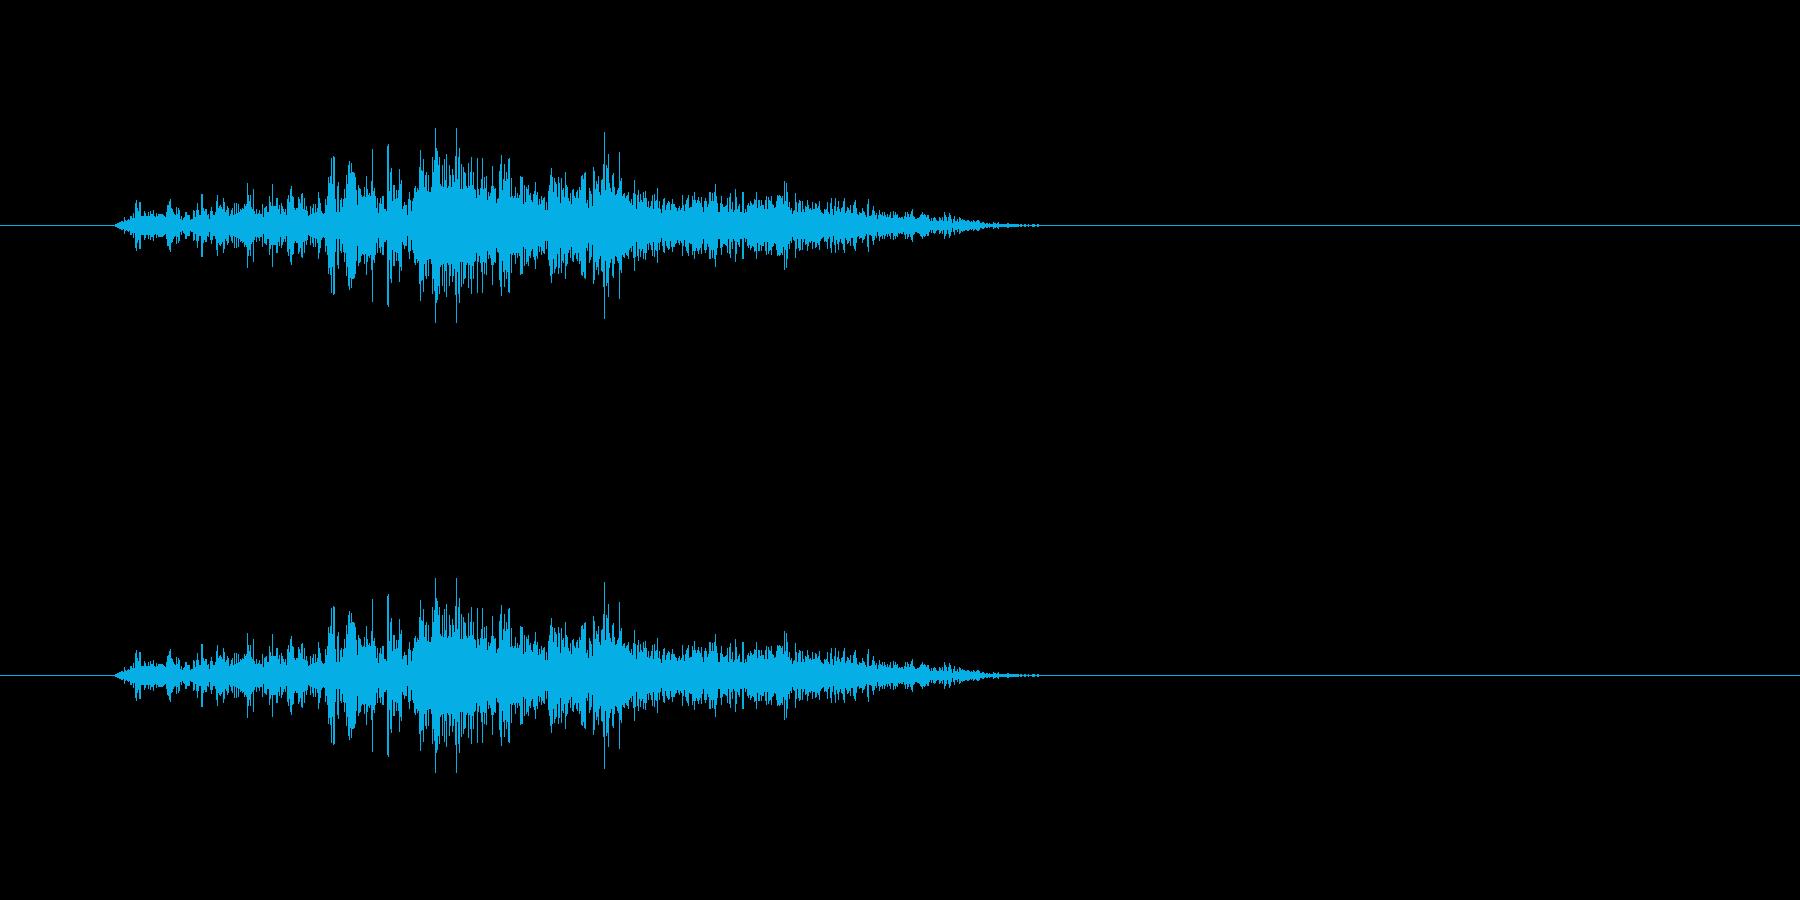 ガラー(扉を閉める音)の再生済みの波形